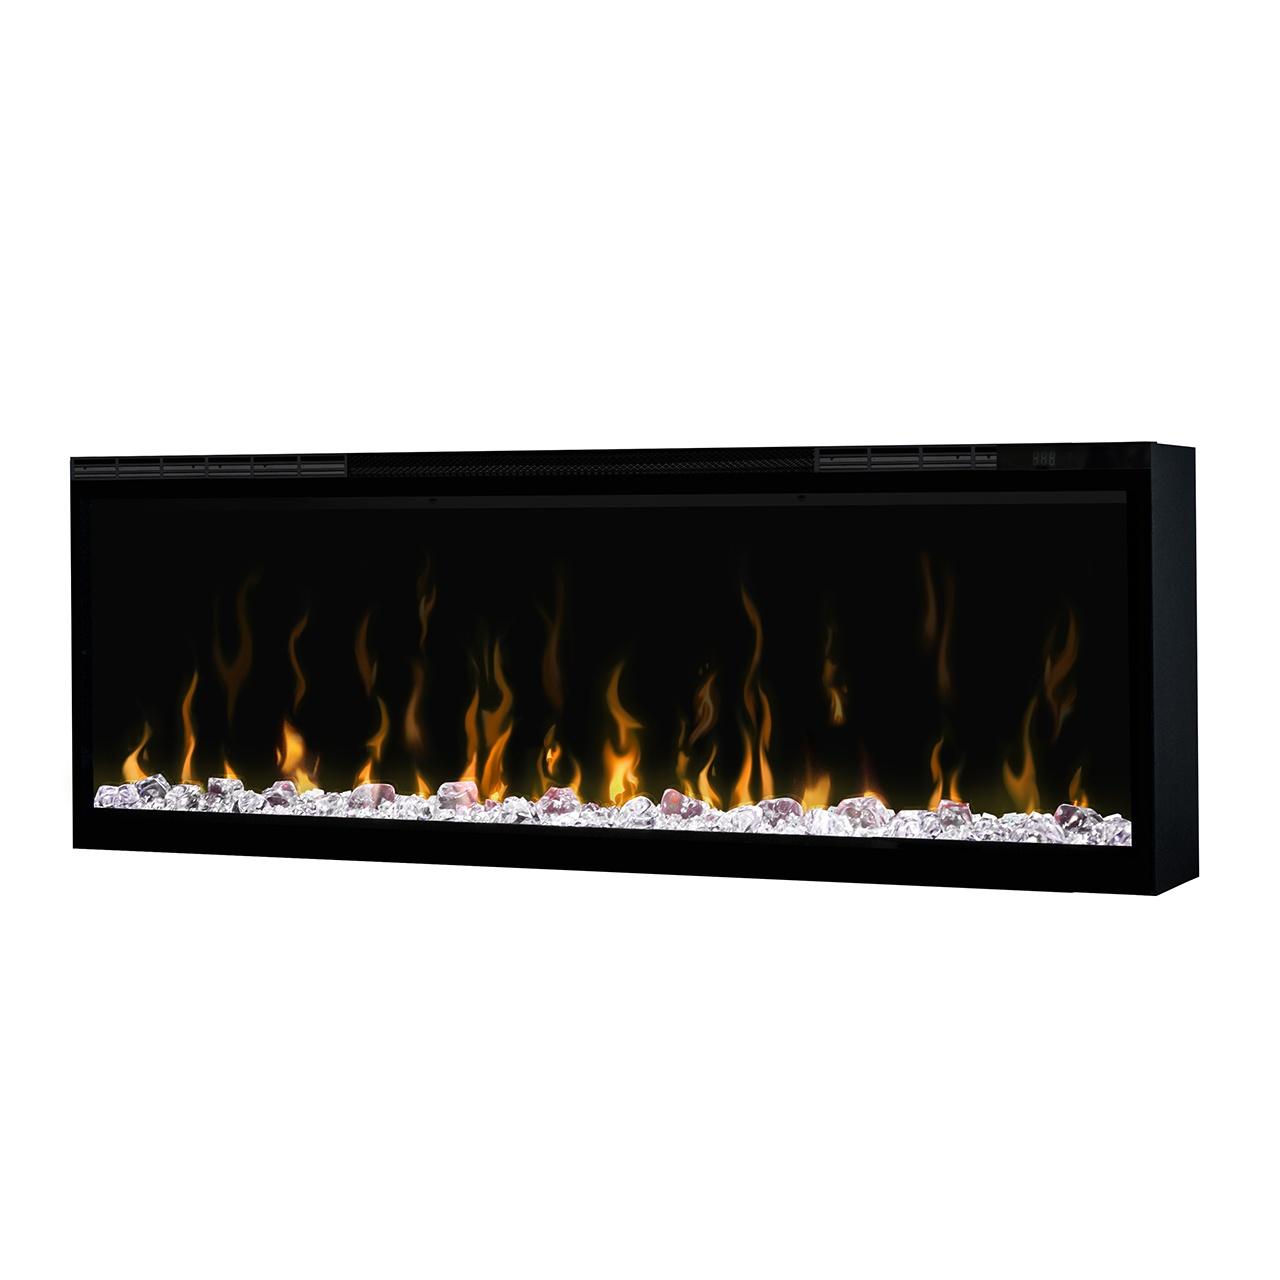 Dimplex XLF50 Ignite Electric Fireplace